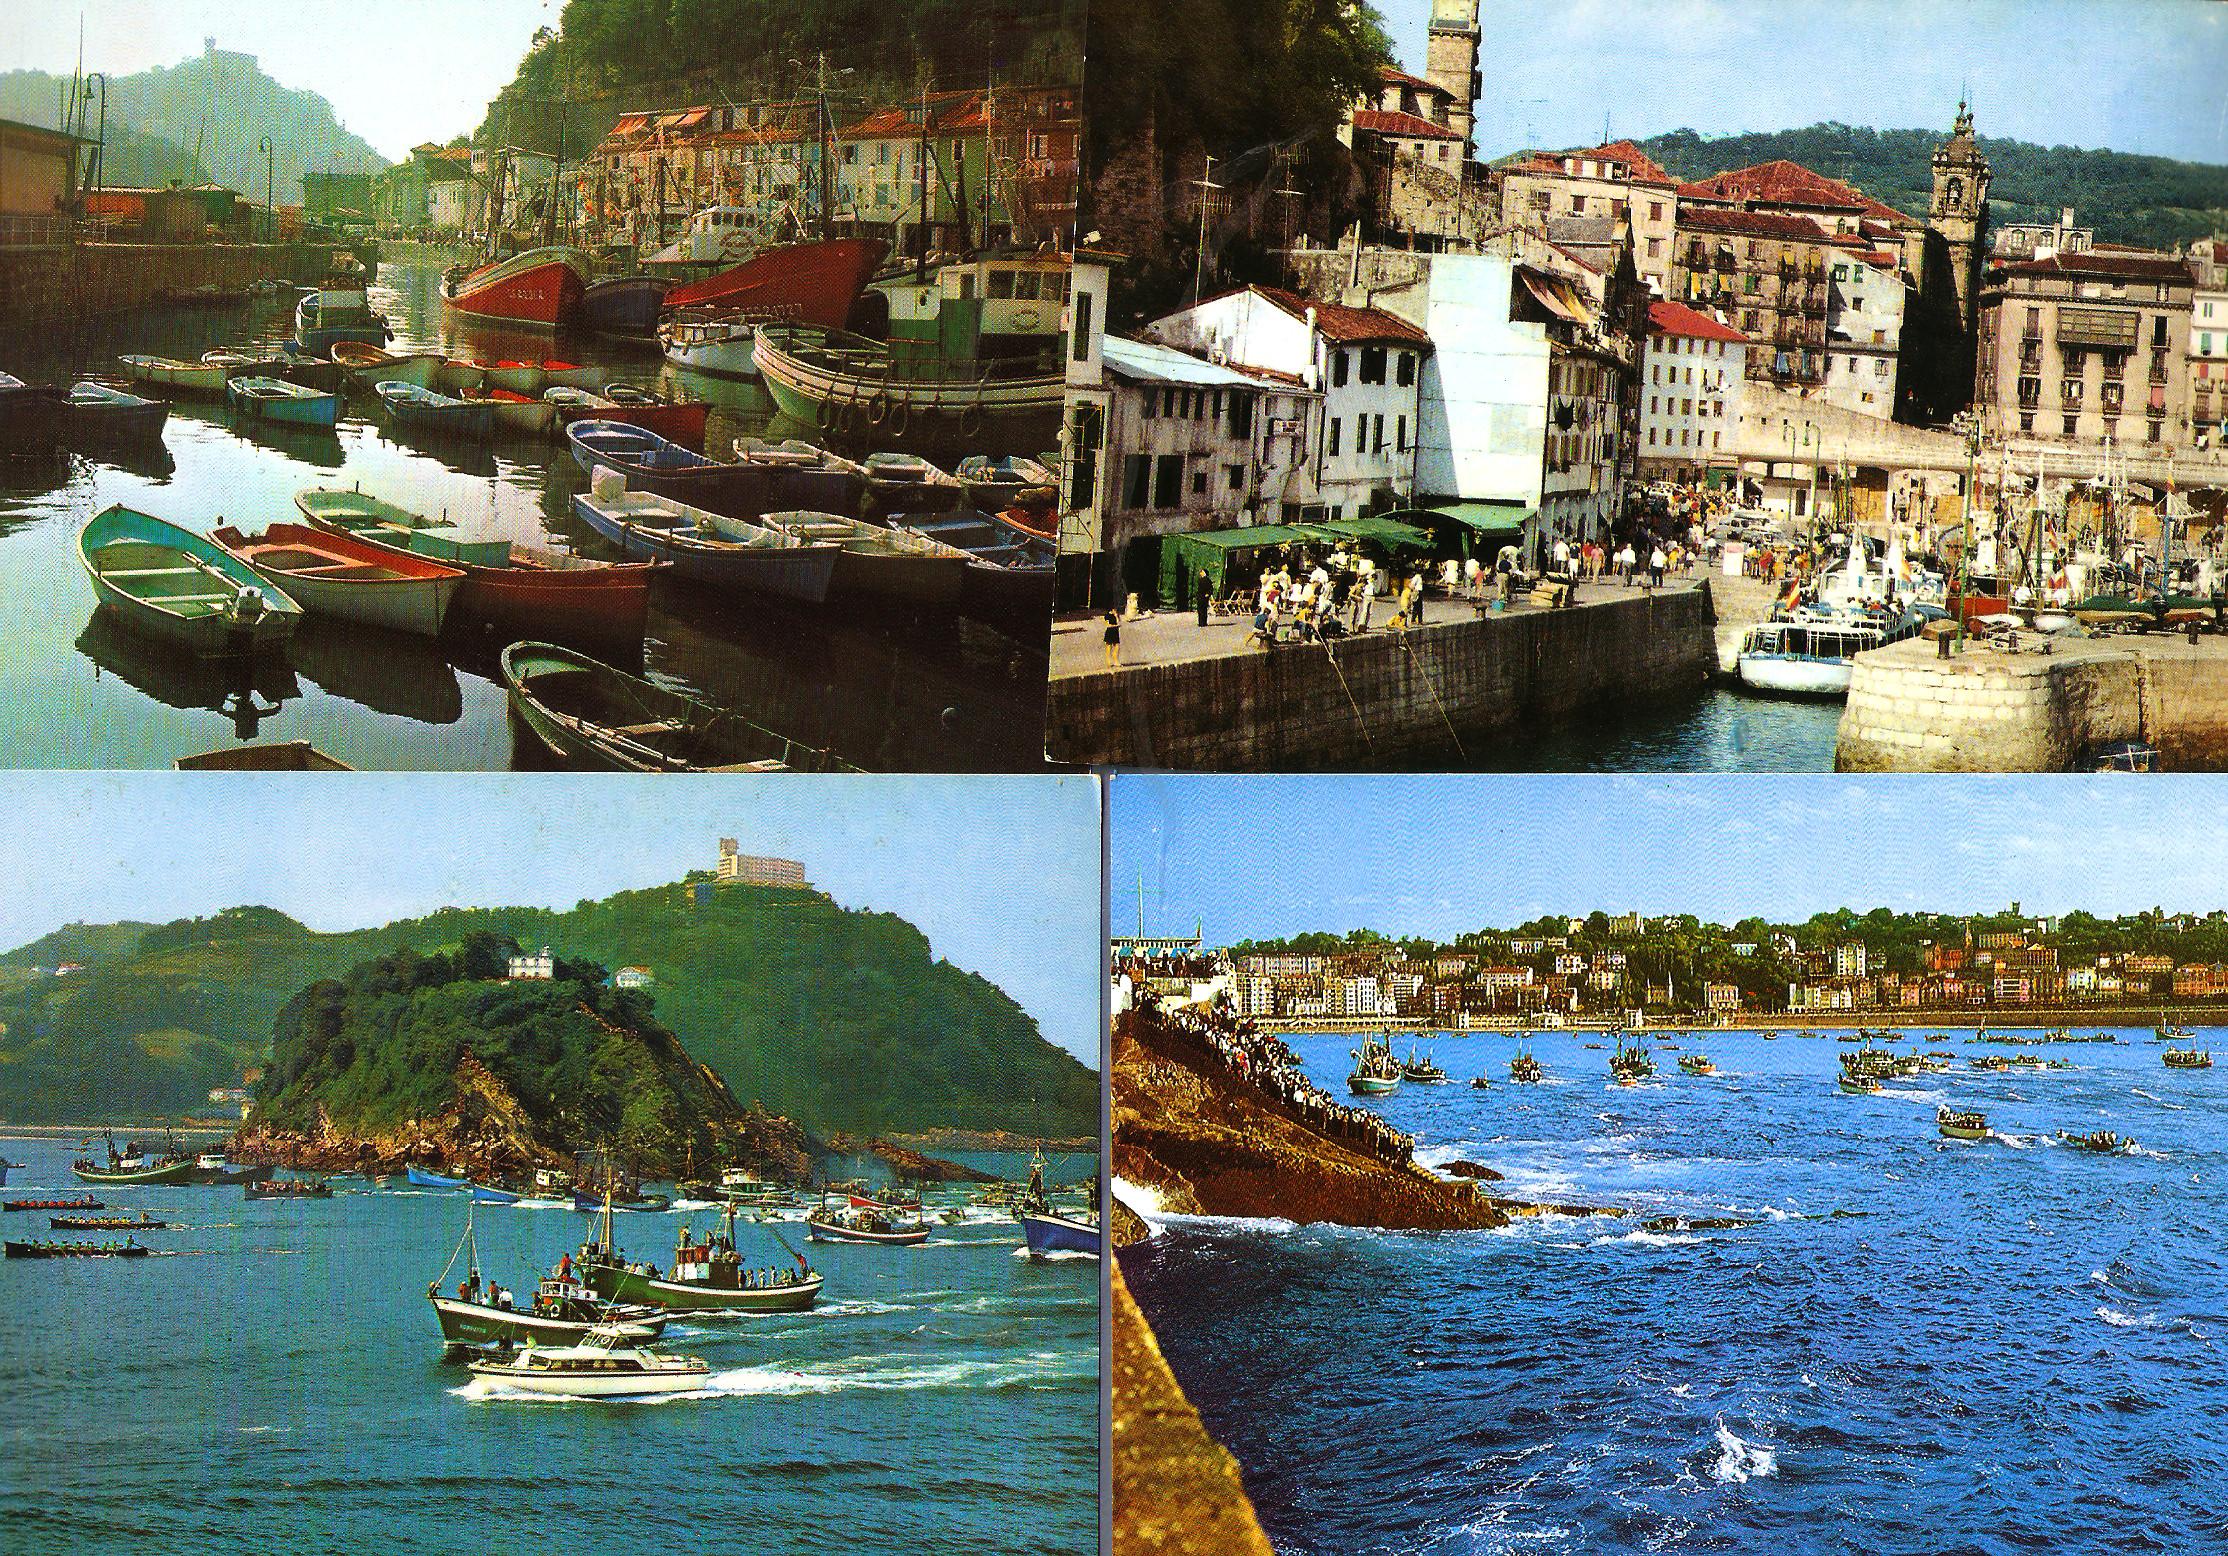 TEMATICA - Puertos pesqueros de España a través de las postales 44260585191_e056e5d6cd_o